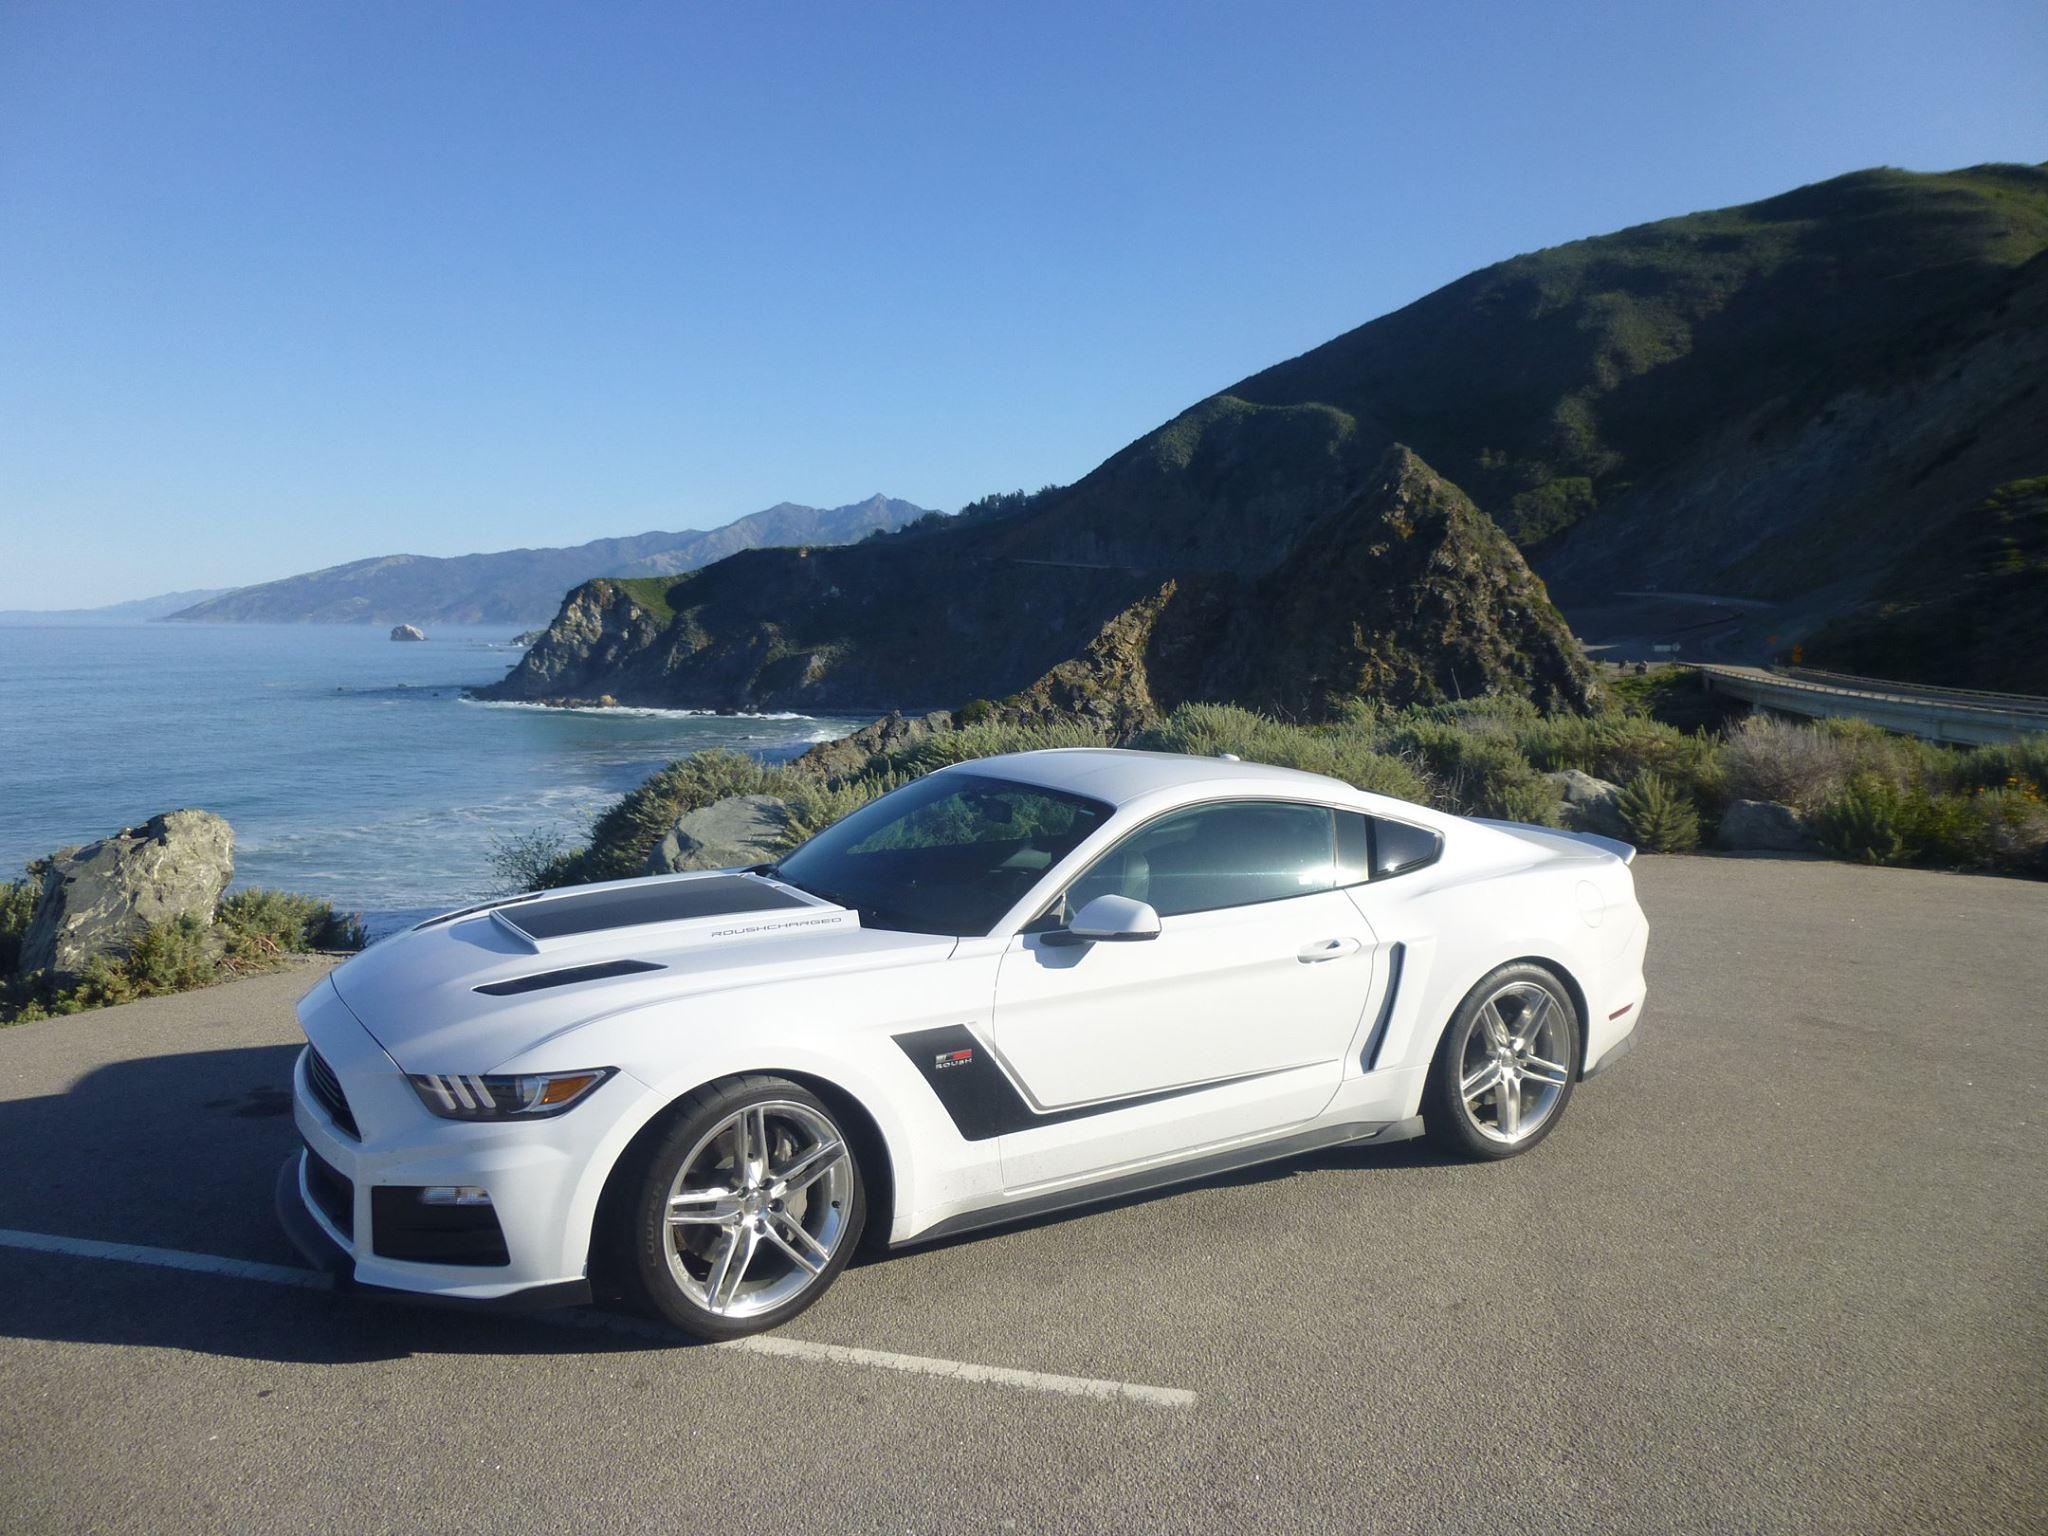 Alexander Fafinski - Middletown, RI - 2015 Roush RS3 Mustang